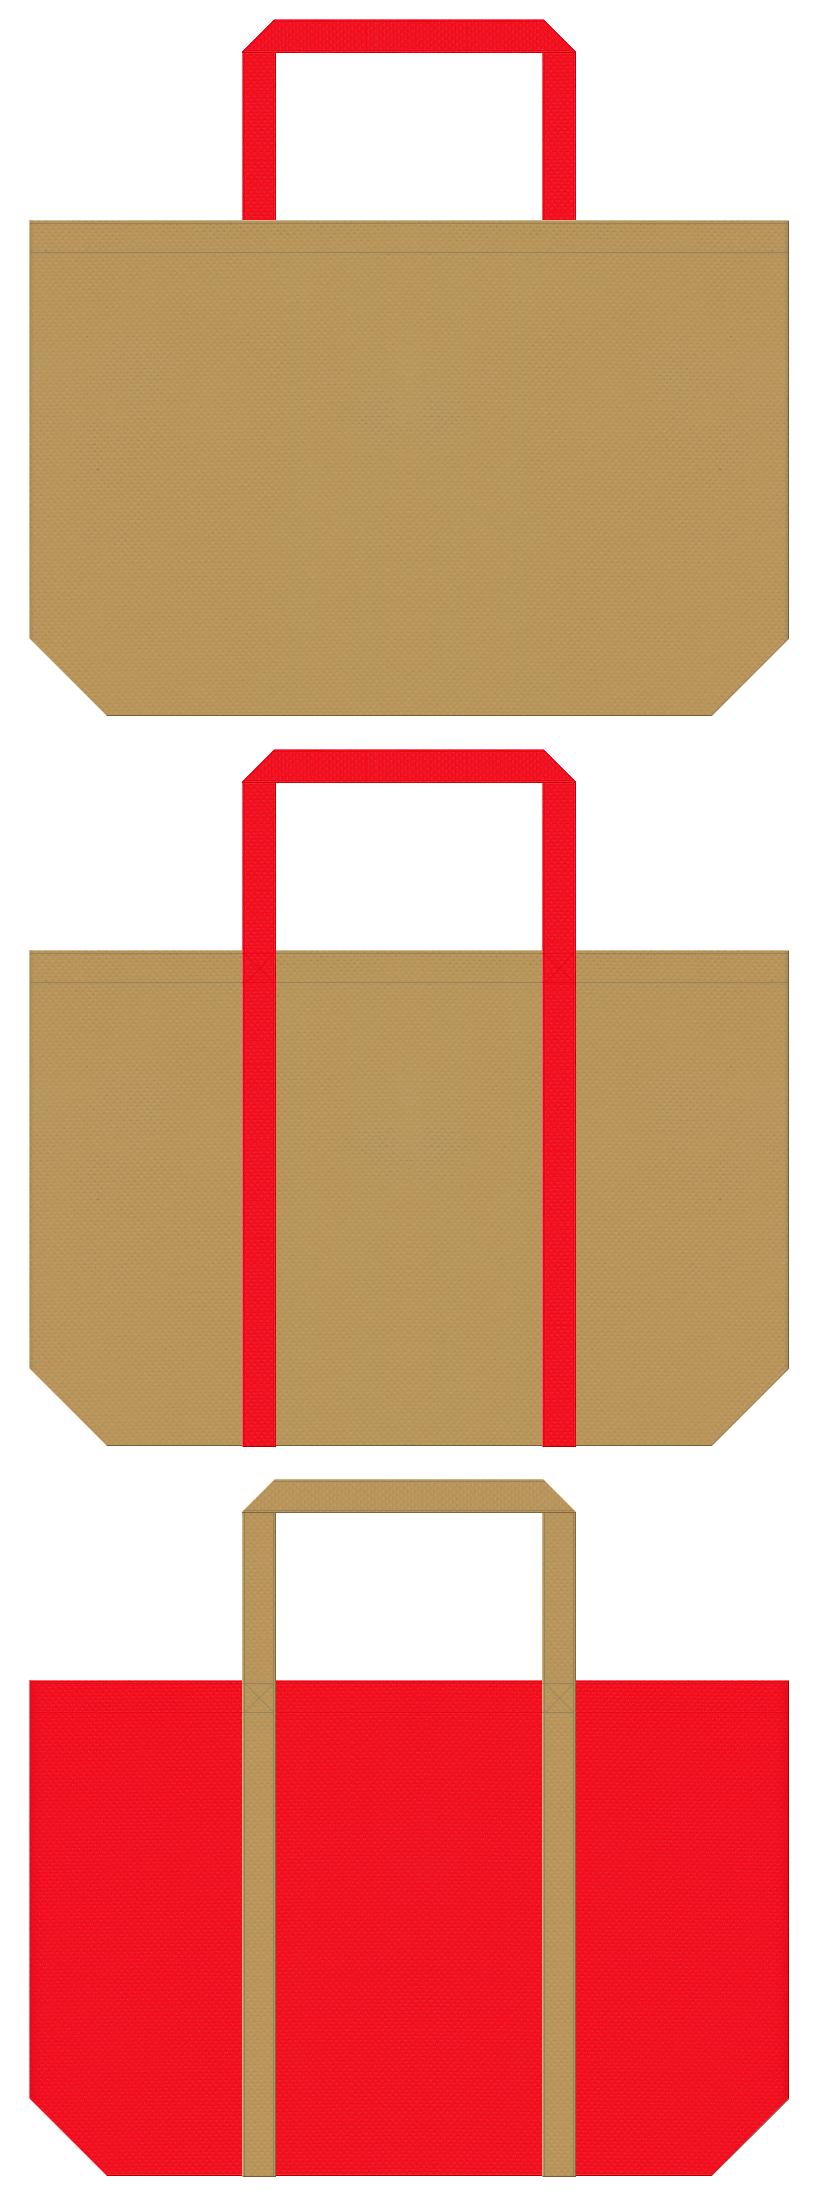 赤鬼・大豆・一合枡・節分用品のショッピングバッグにお奨めの不織布バッグデザイン:金黄土色と赤色のコーデ